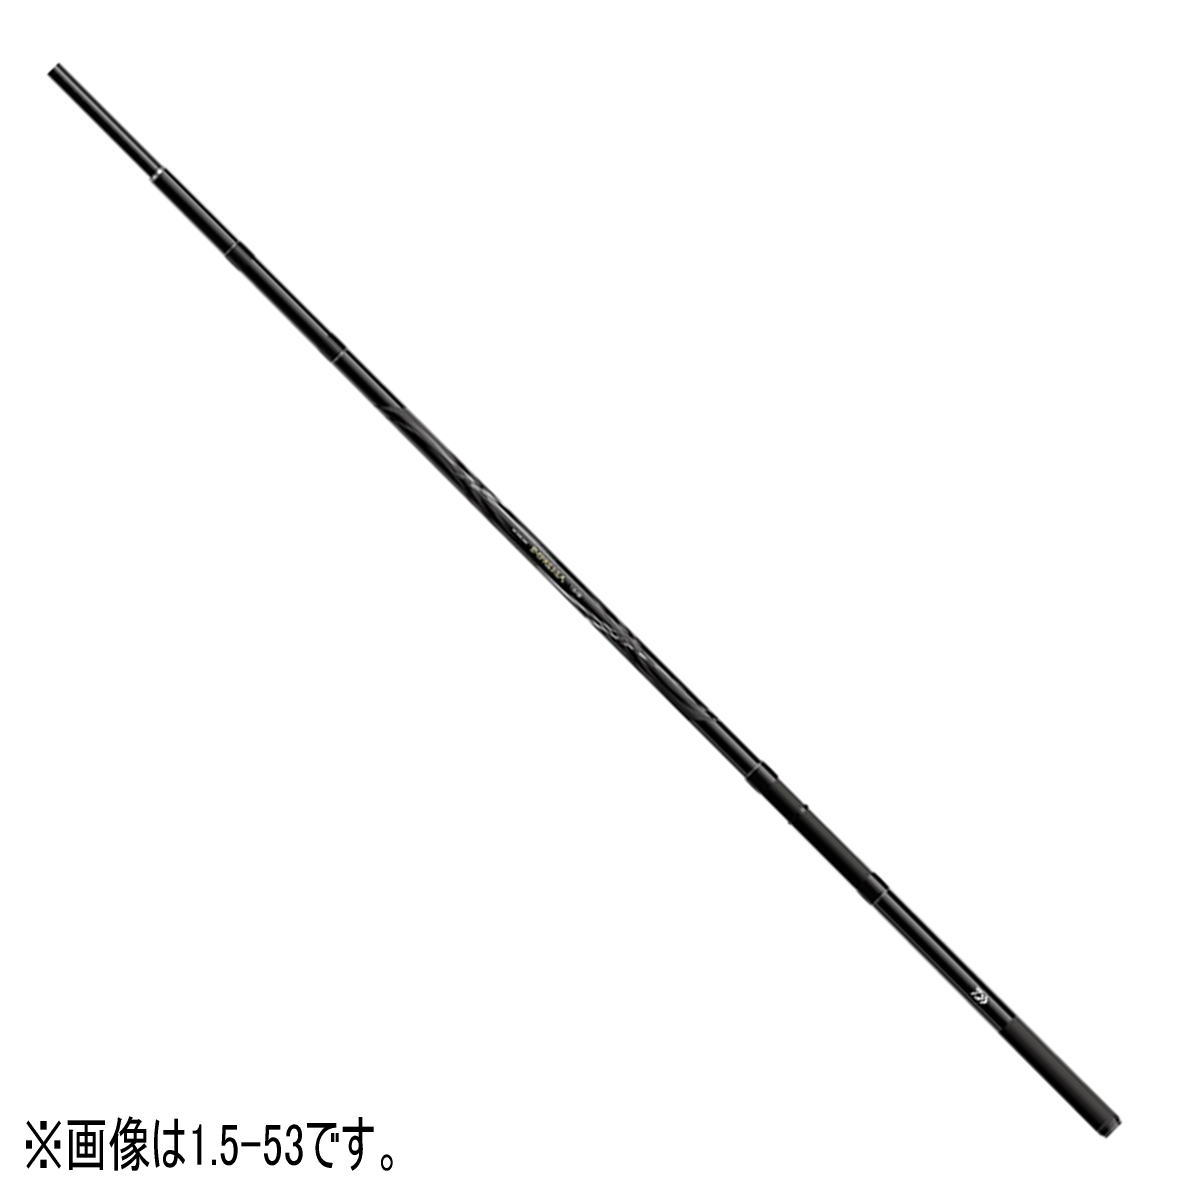 【送料無料5】ダイワ ロッド インターライン インプレッサ 4-52遠投